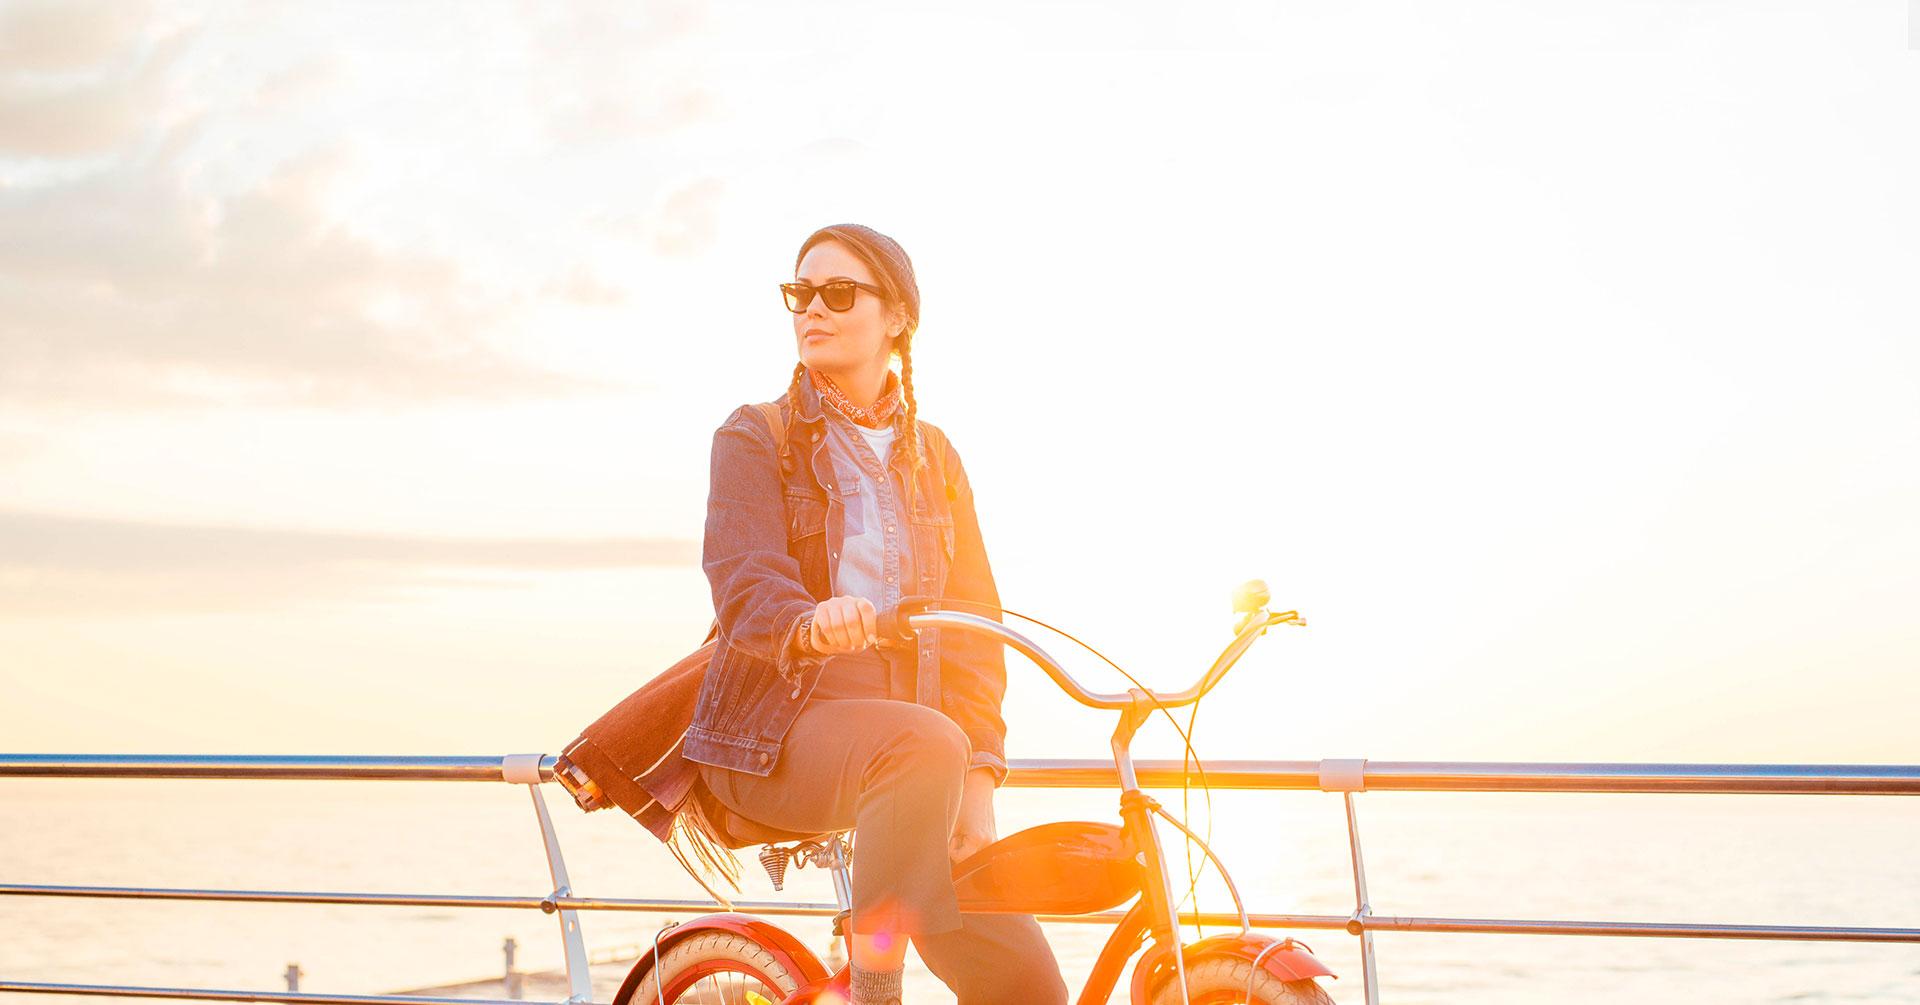 Los beneficios de andar en bicicleta que te harán amarla